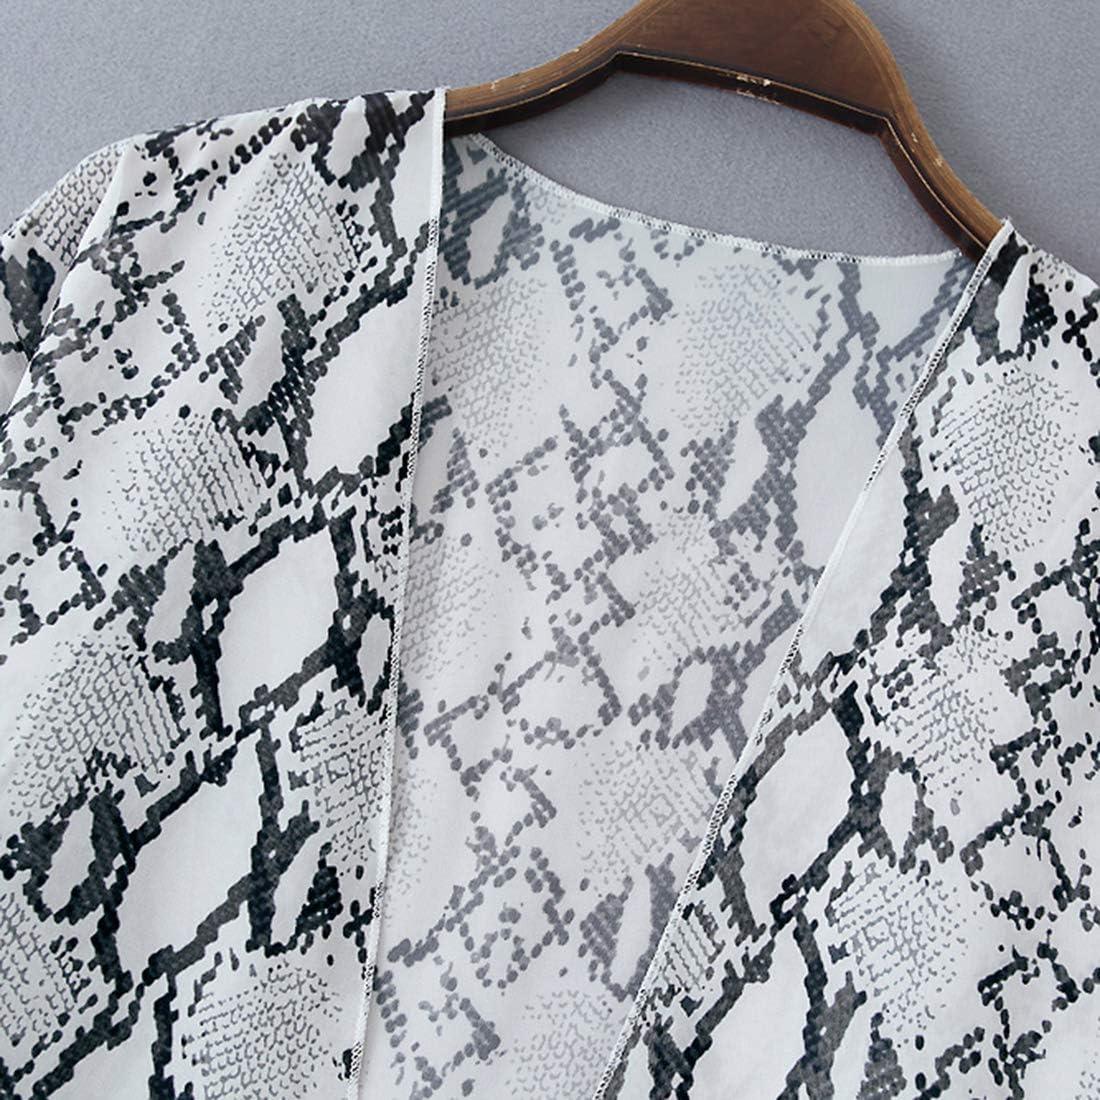 SHEKINI Kimono Cardigan di Chiffon Donna Estivo Elegante Casual Copricostume de Mare per Bikini Cover-Up Stampato Costume da Bagno Copribikini Allentato Beachwear